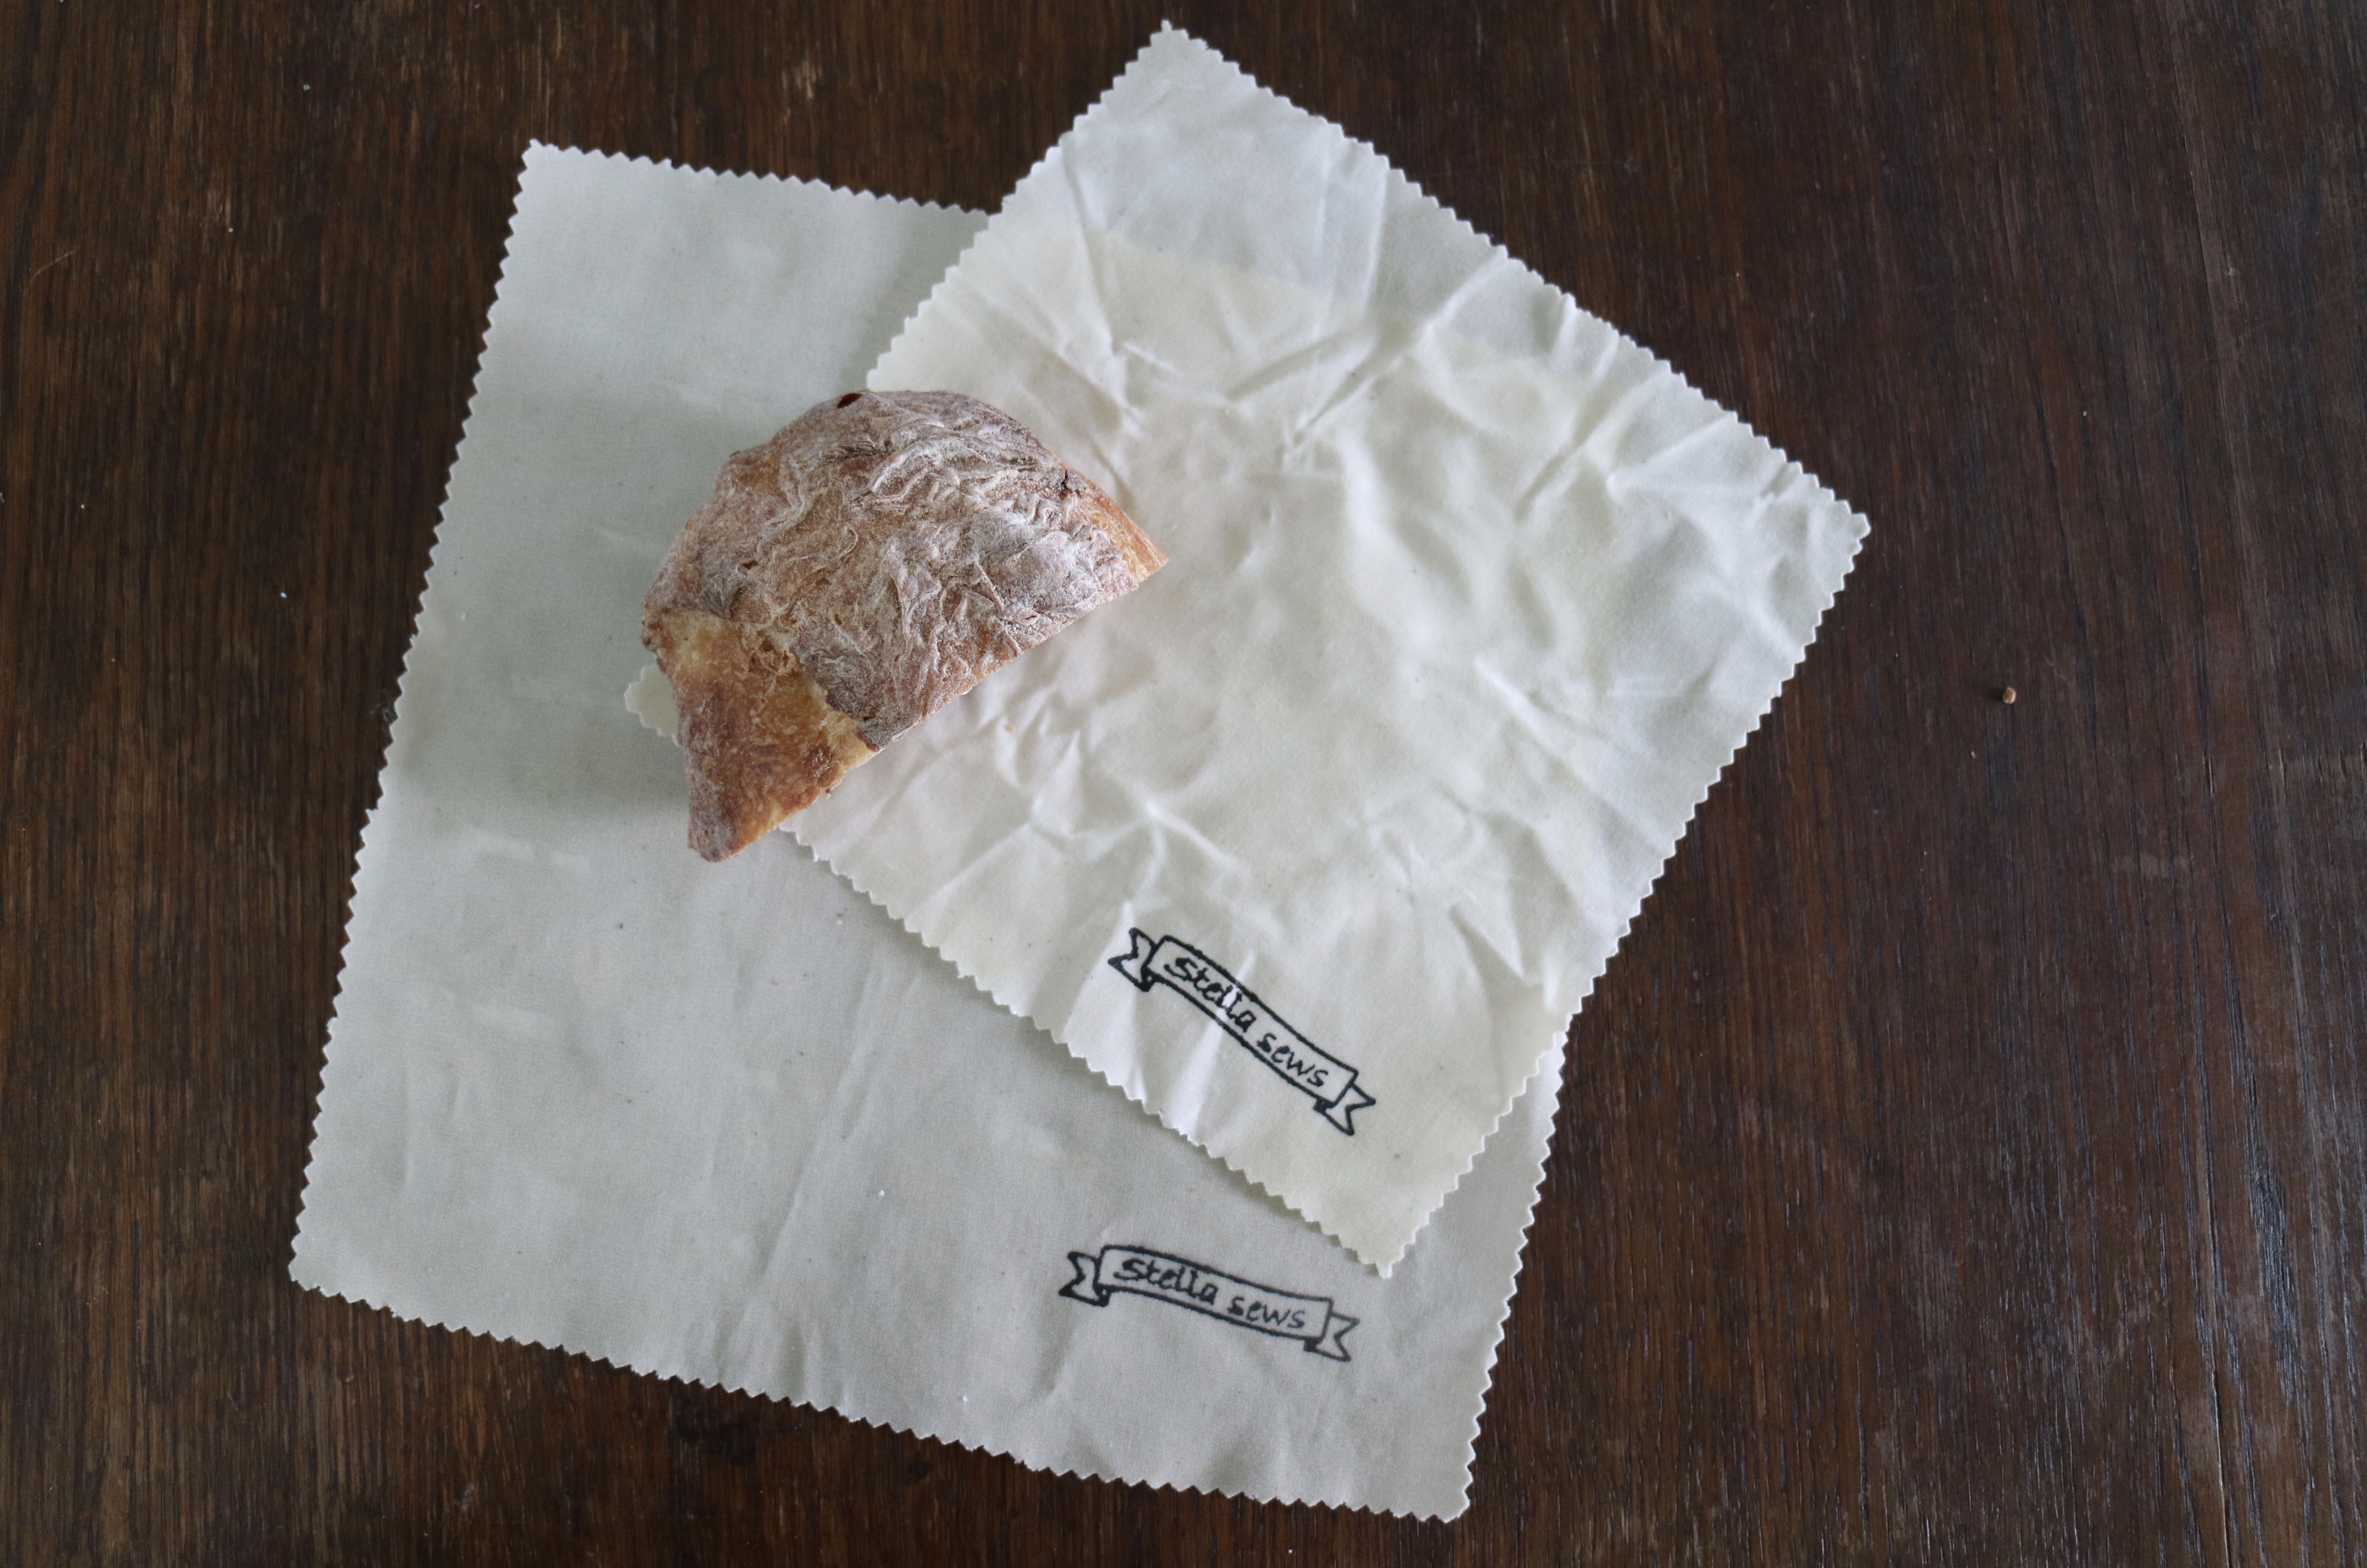 bees-wrap-reusable-zero-waste